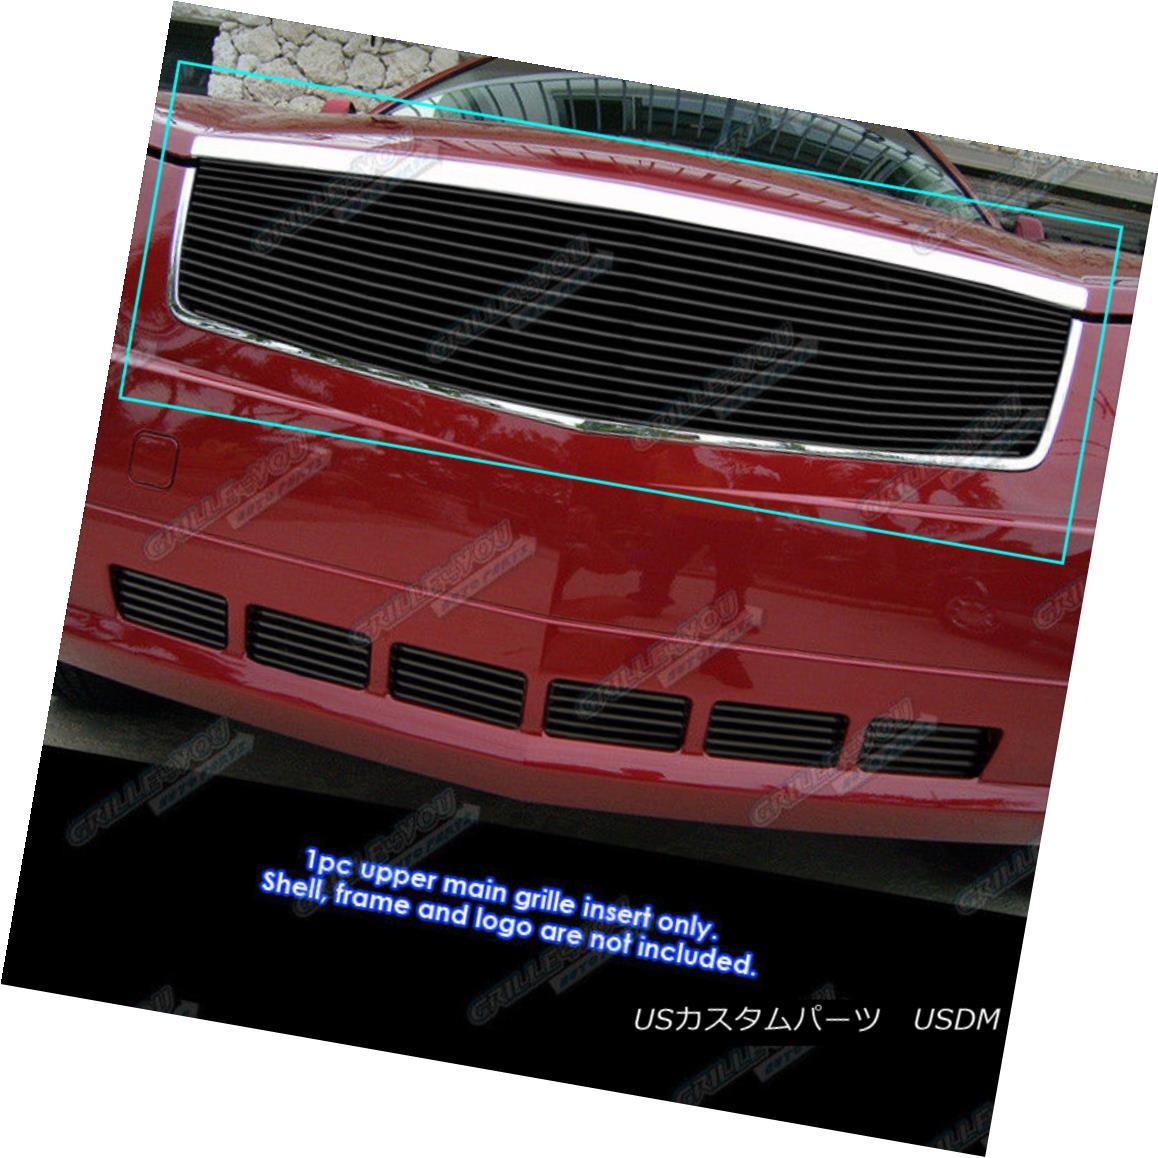 グリル Fits 2005-2009 Cadillac SRX Black Main Upper Billet Grille Grill Insert 2005-2009 Cadillac SRX Blackメインアッパービレットグリルグリルインサート